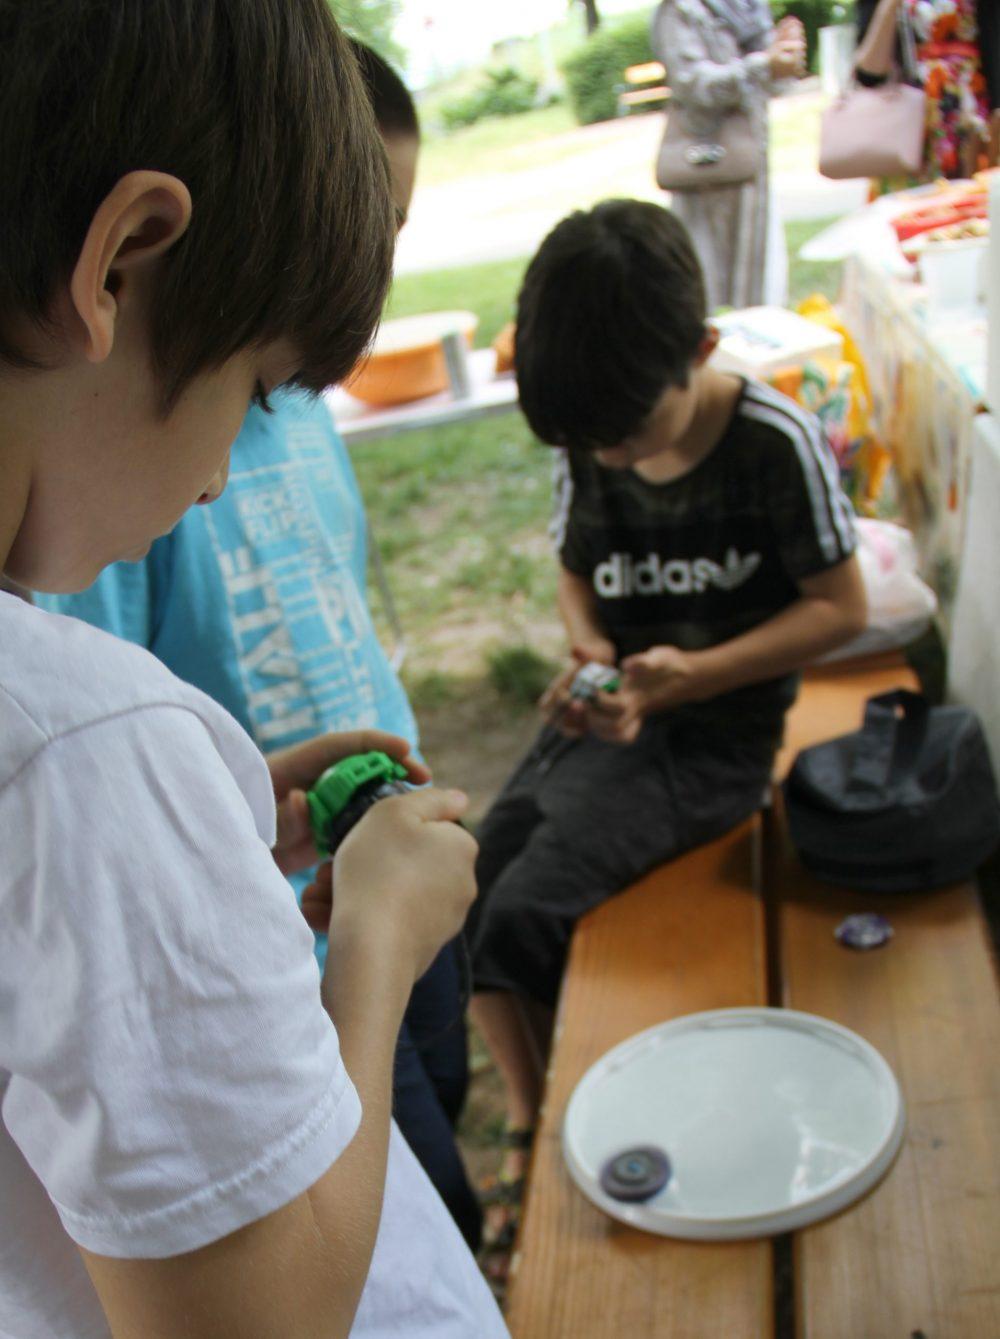 Kinder spielen Beyblade